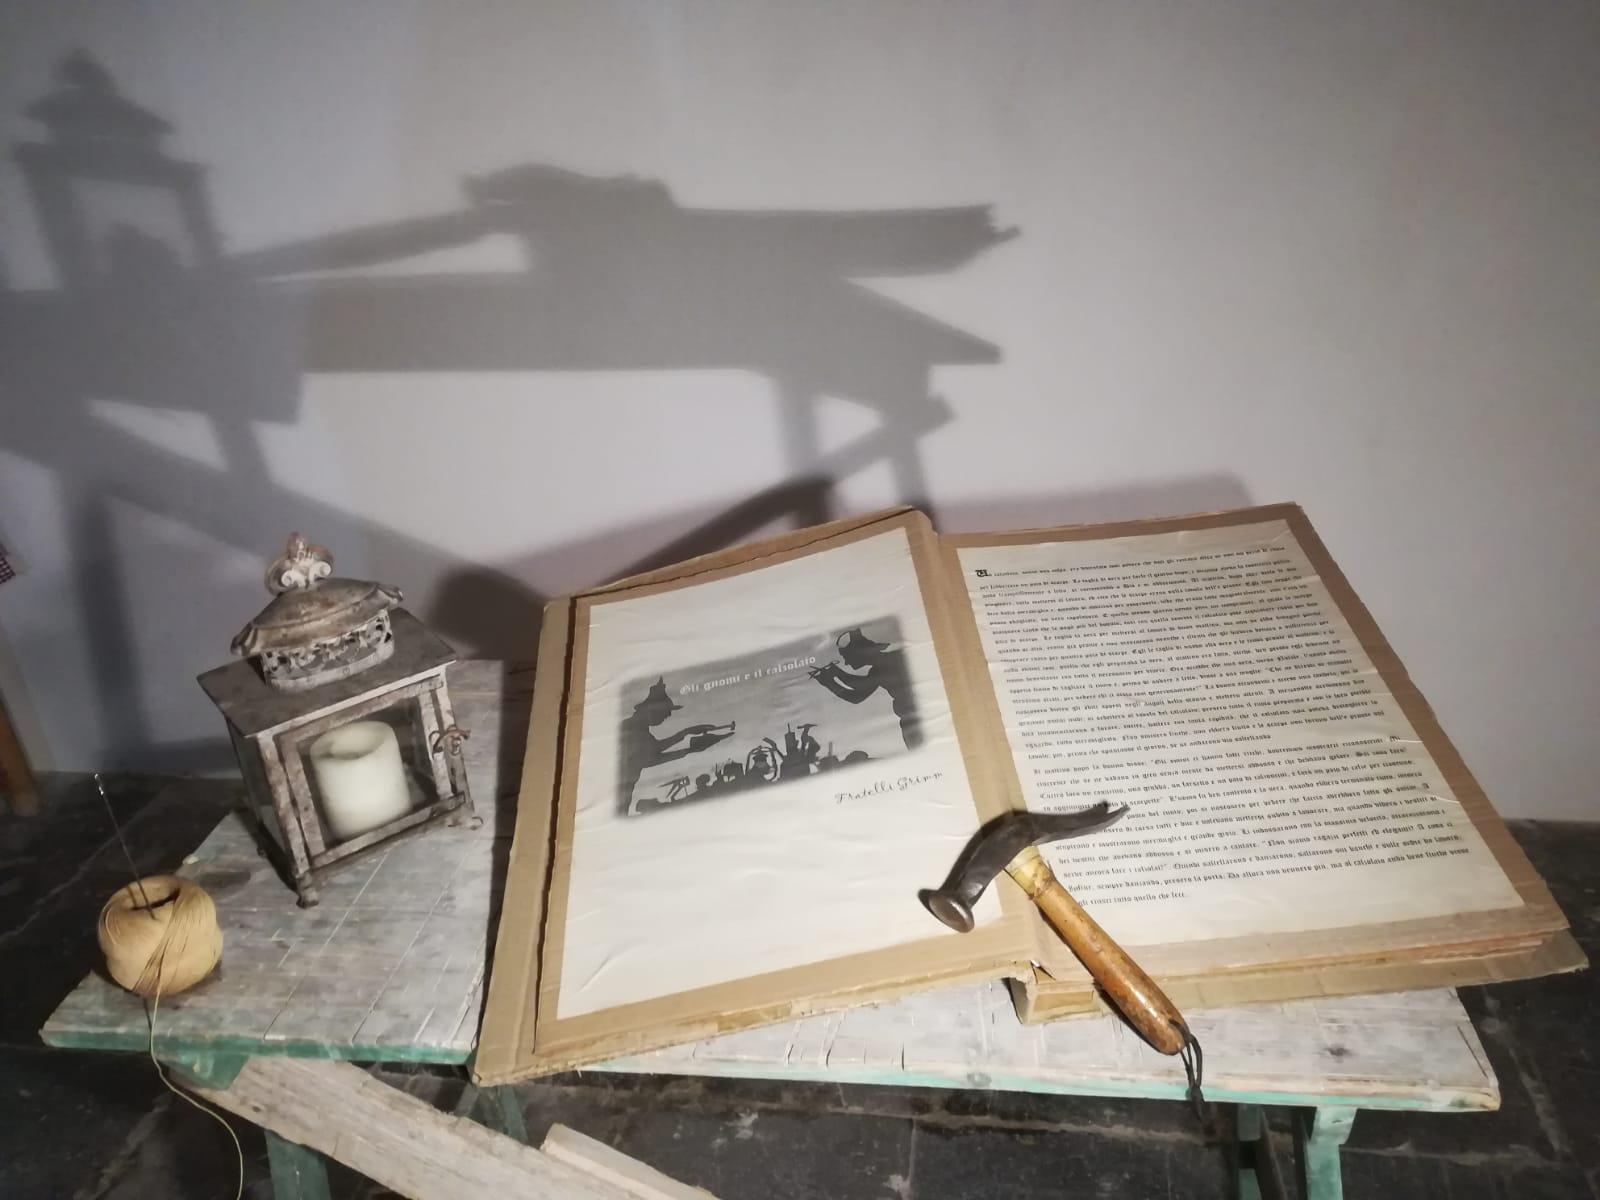 Il 22 dicembre s'inaugura il Presepe della città alla 'Casa don Puglisi' di Modica